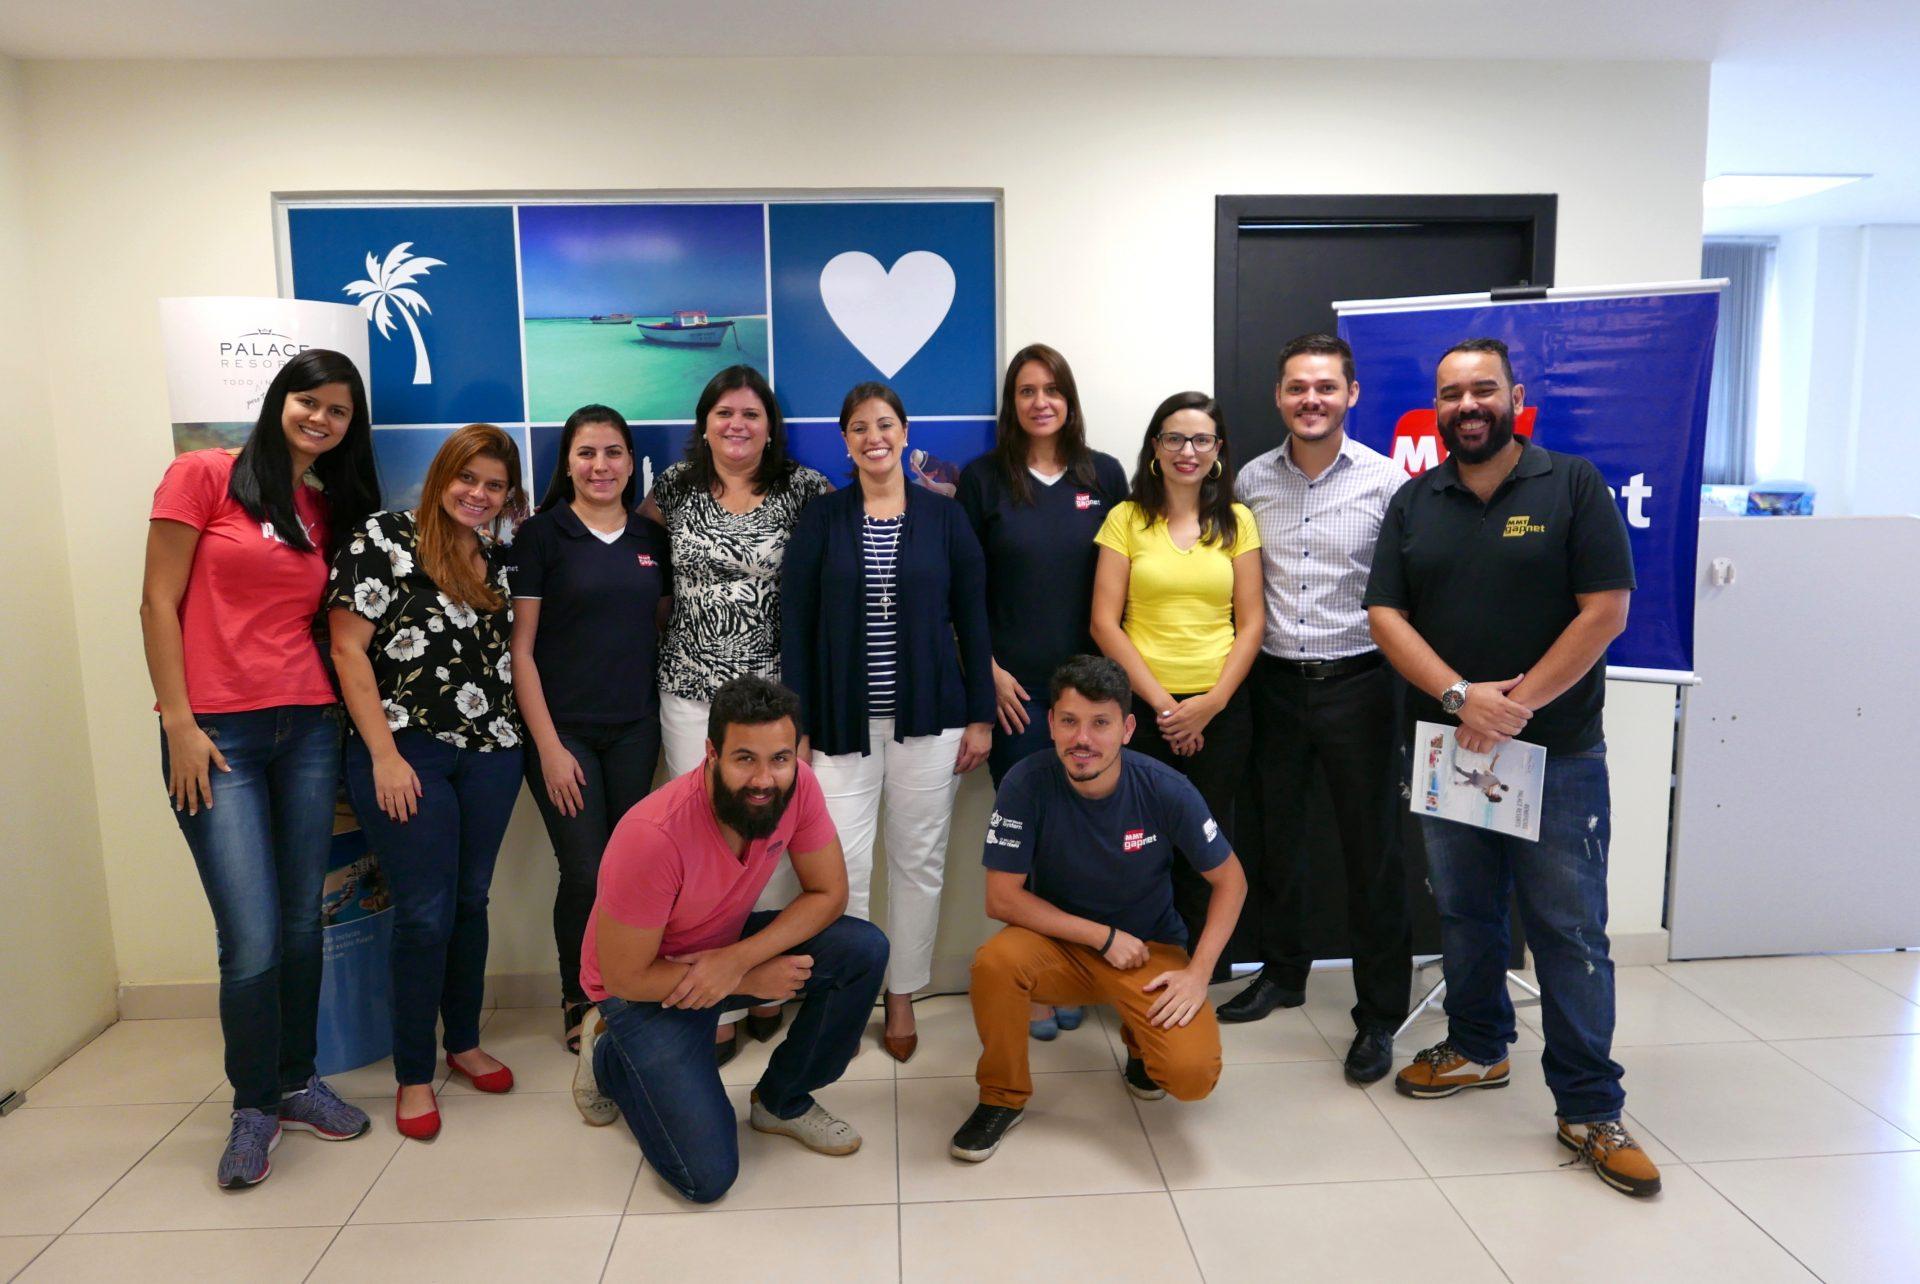 Marisa e Camila com a equipe da MMTGapnet de Belo Horizonte